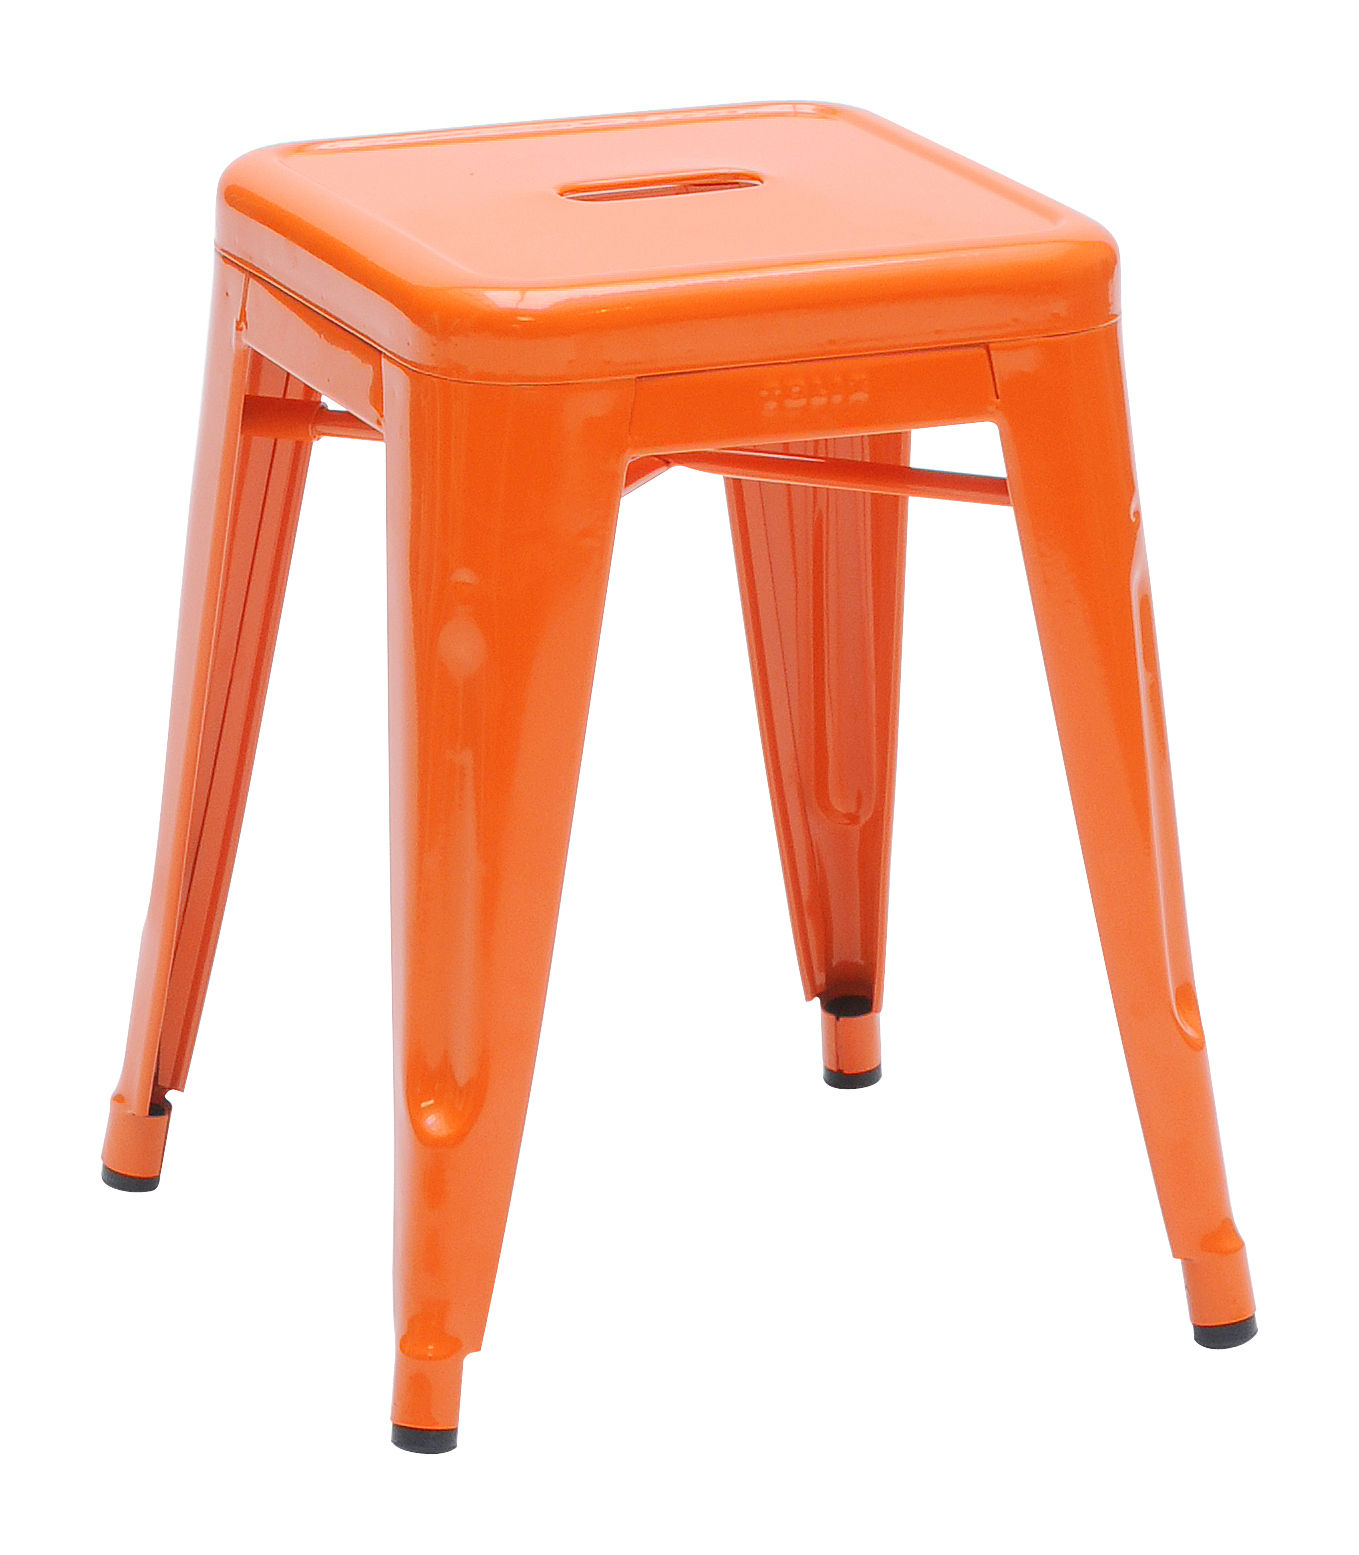 Mobilier - Tabourets bas - Tabouret empilable H / H 45 cm - Couleur brillante - Intérieur - Tolix - Orange - Acier laqué